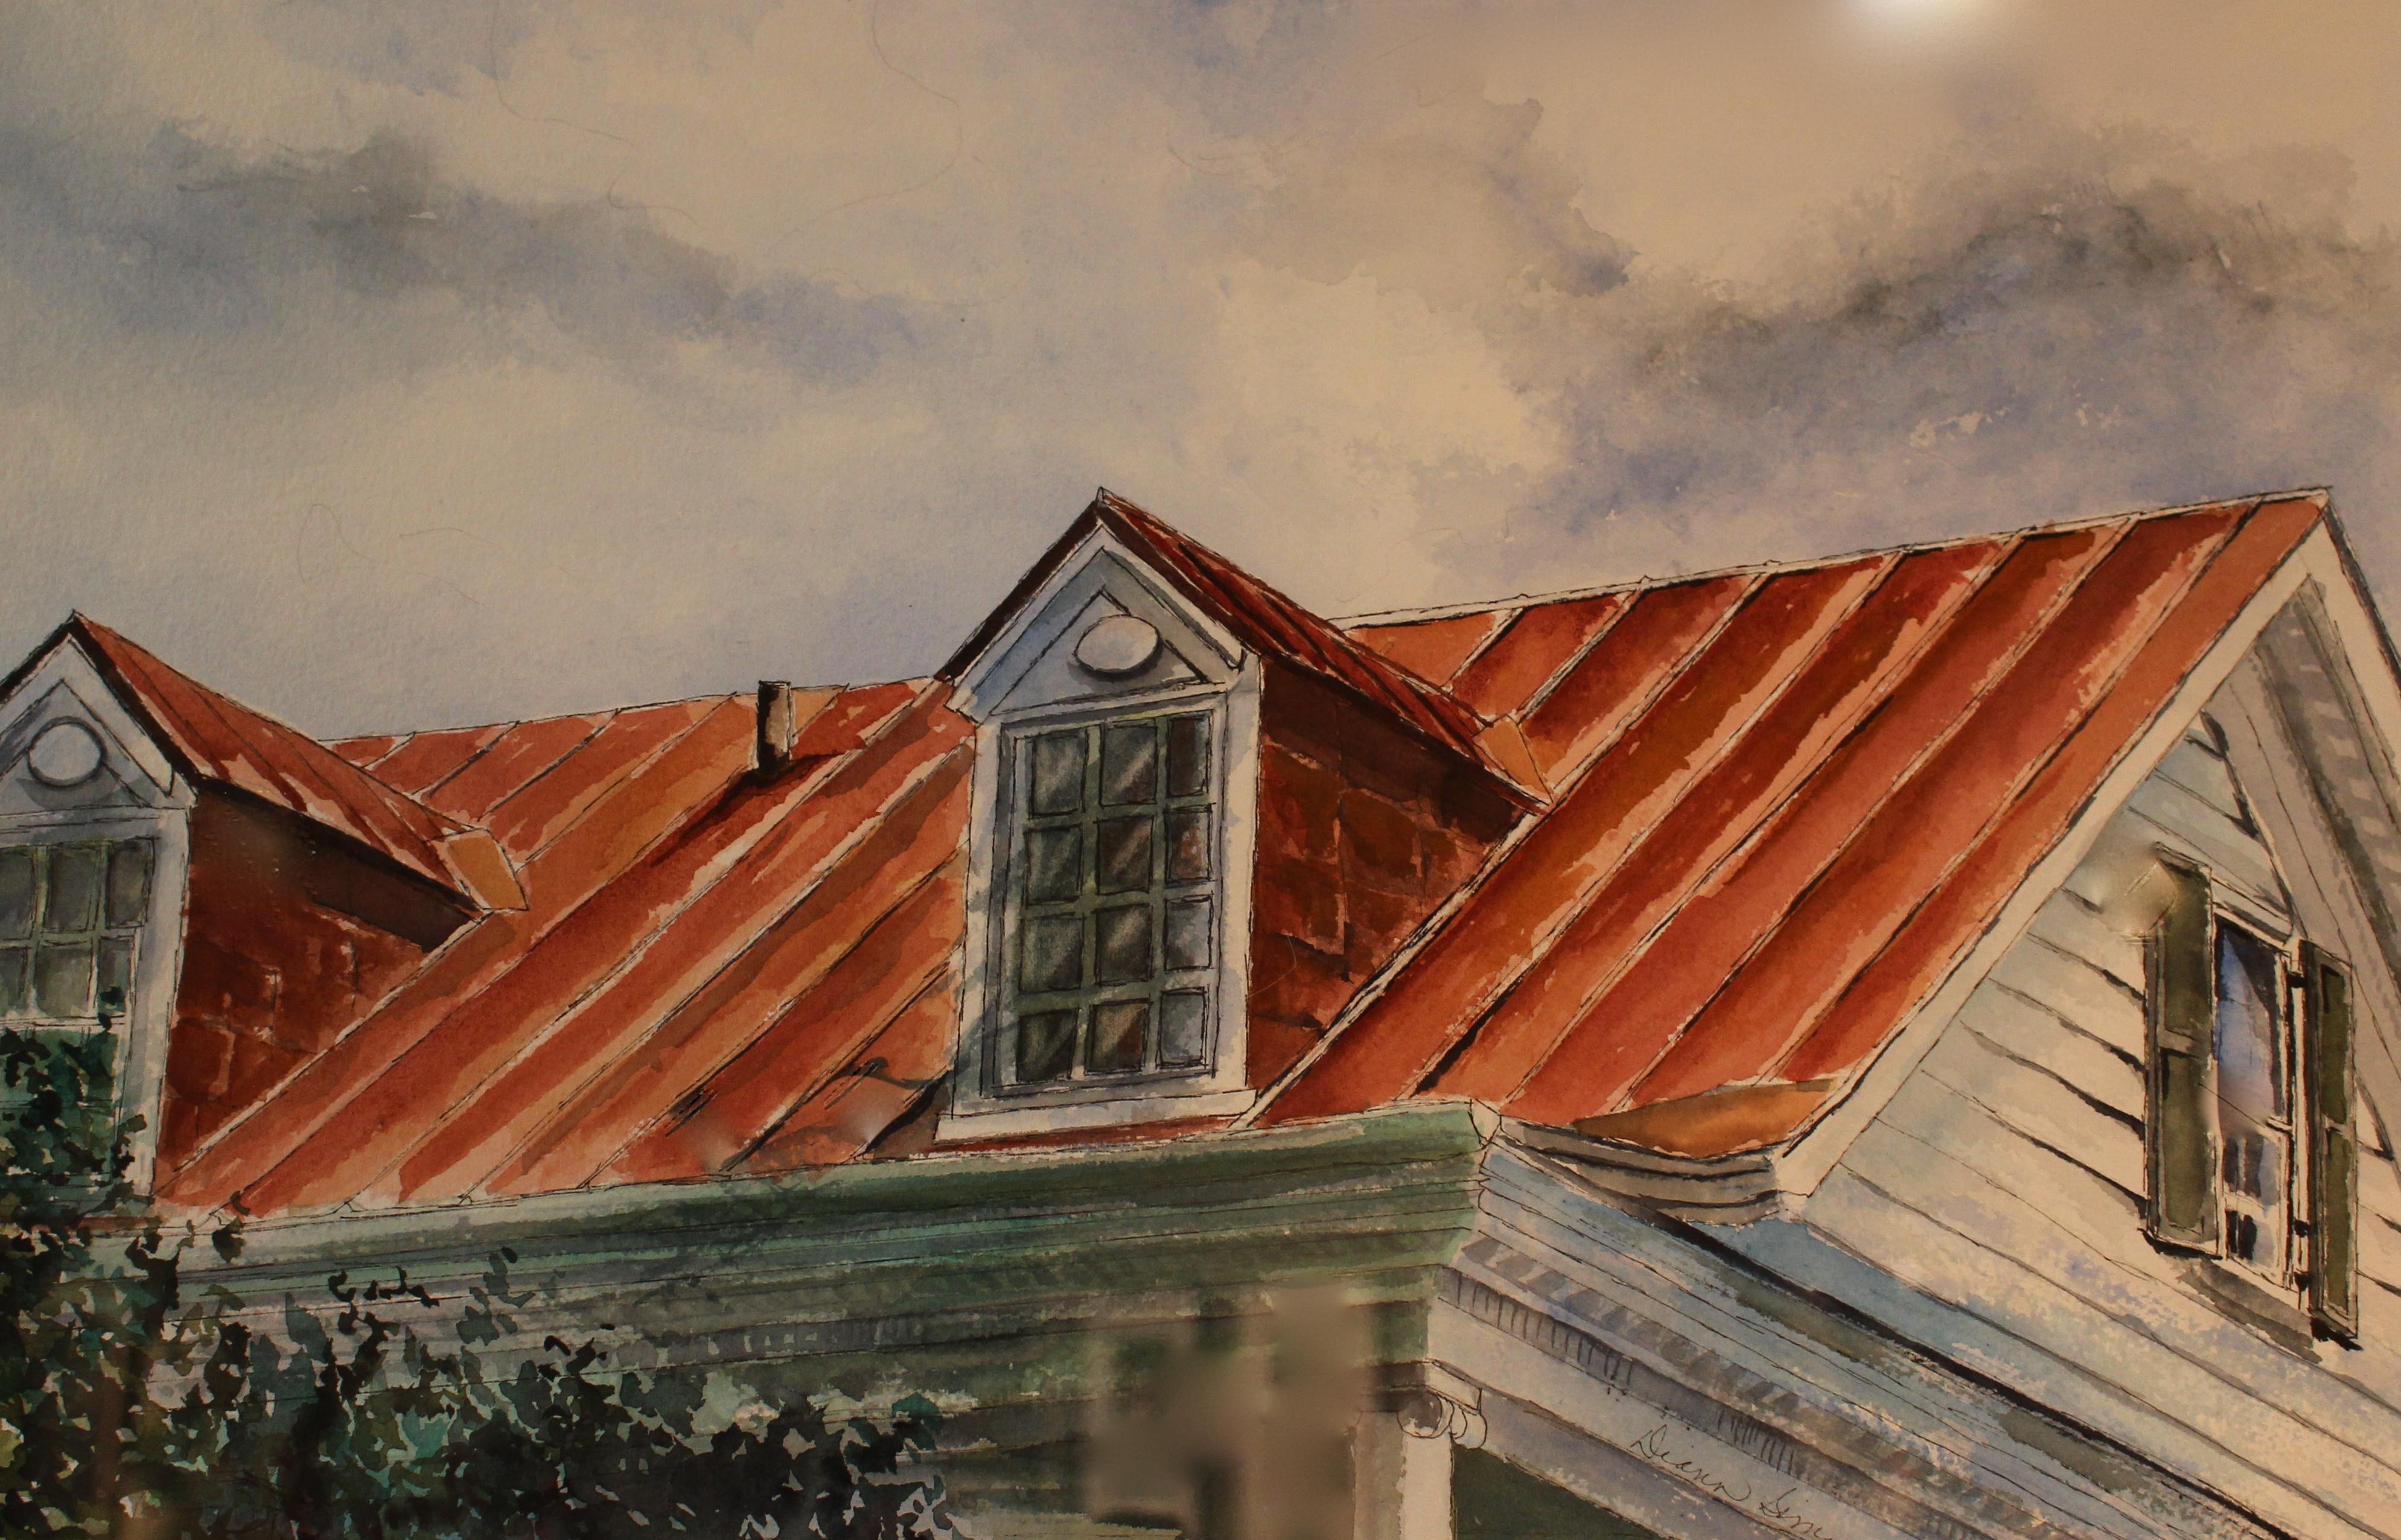 cinnamon roof